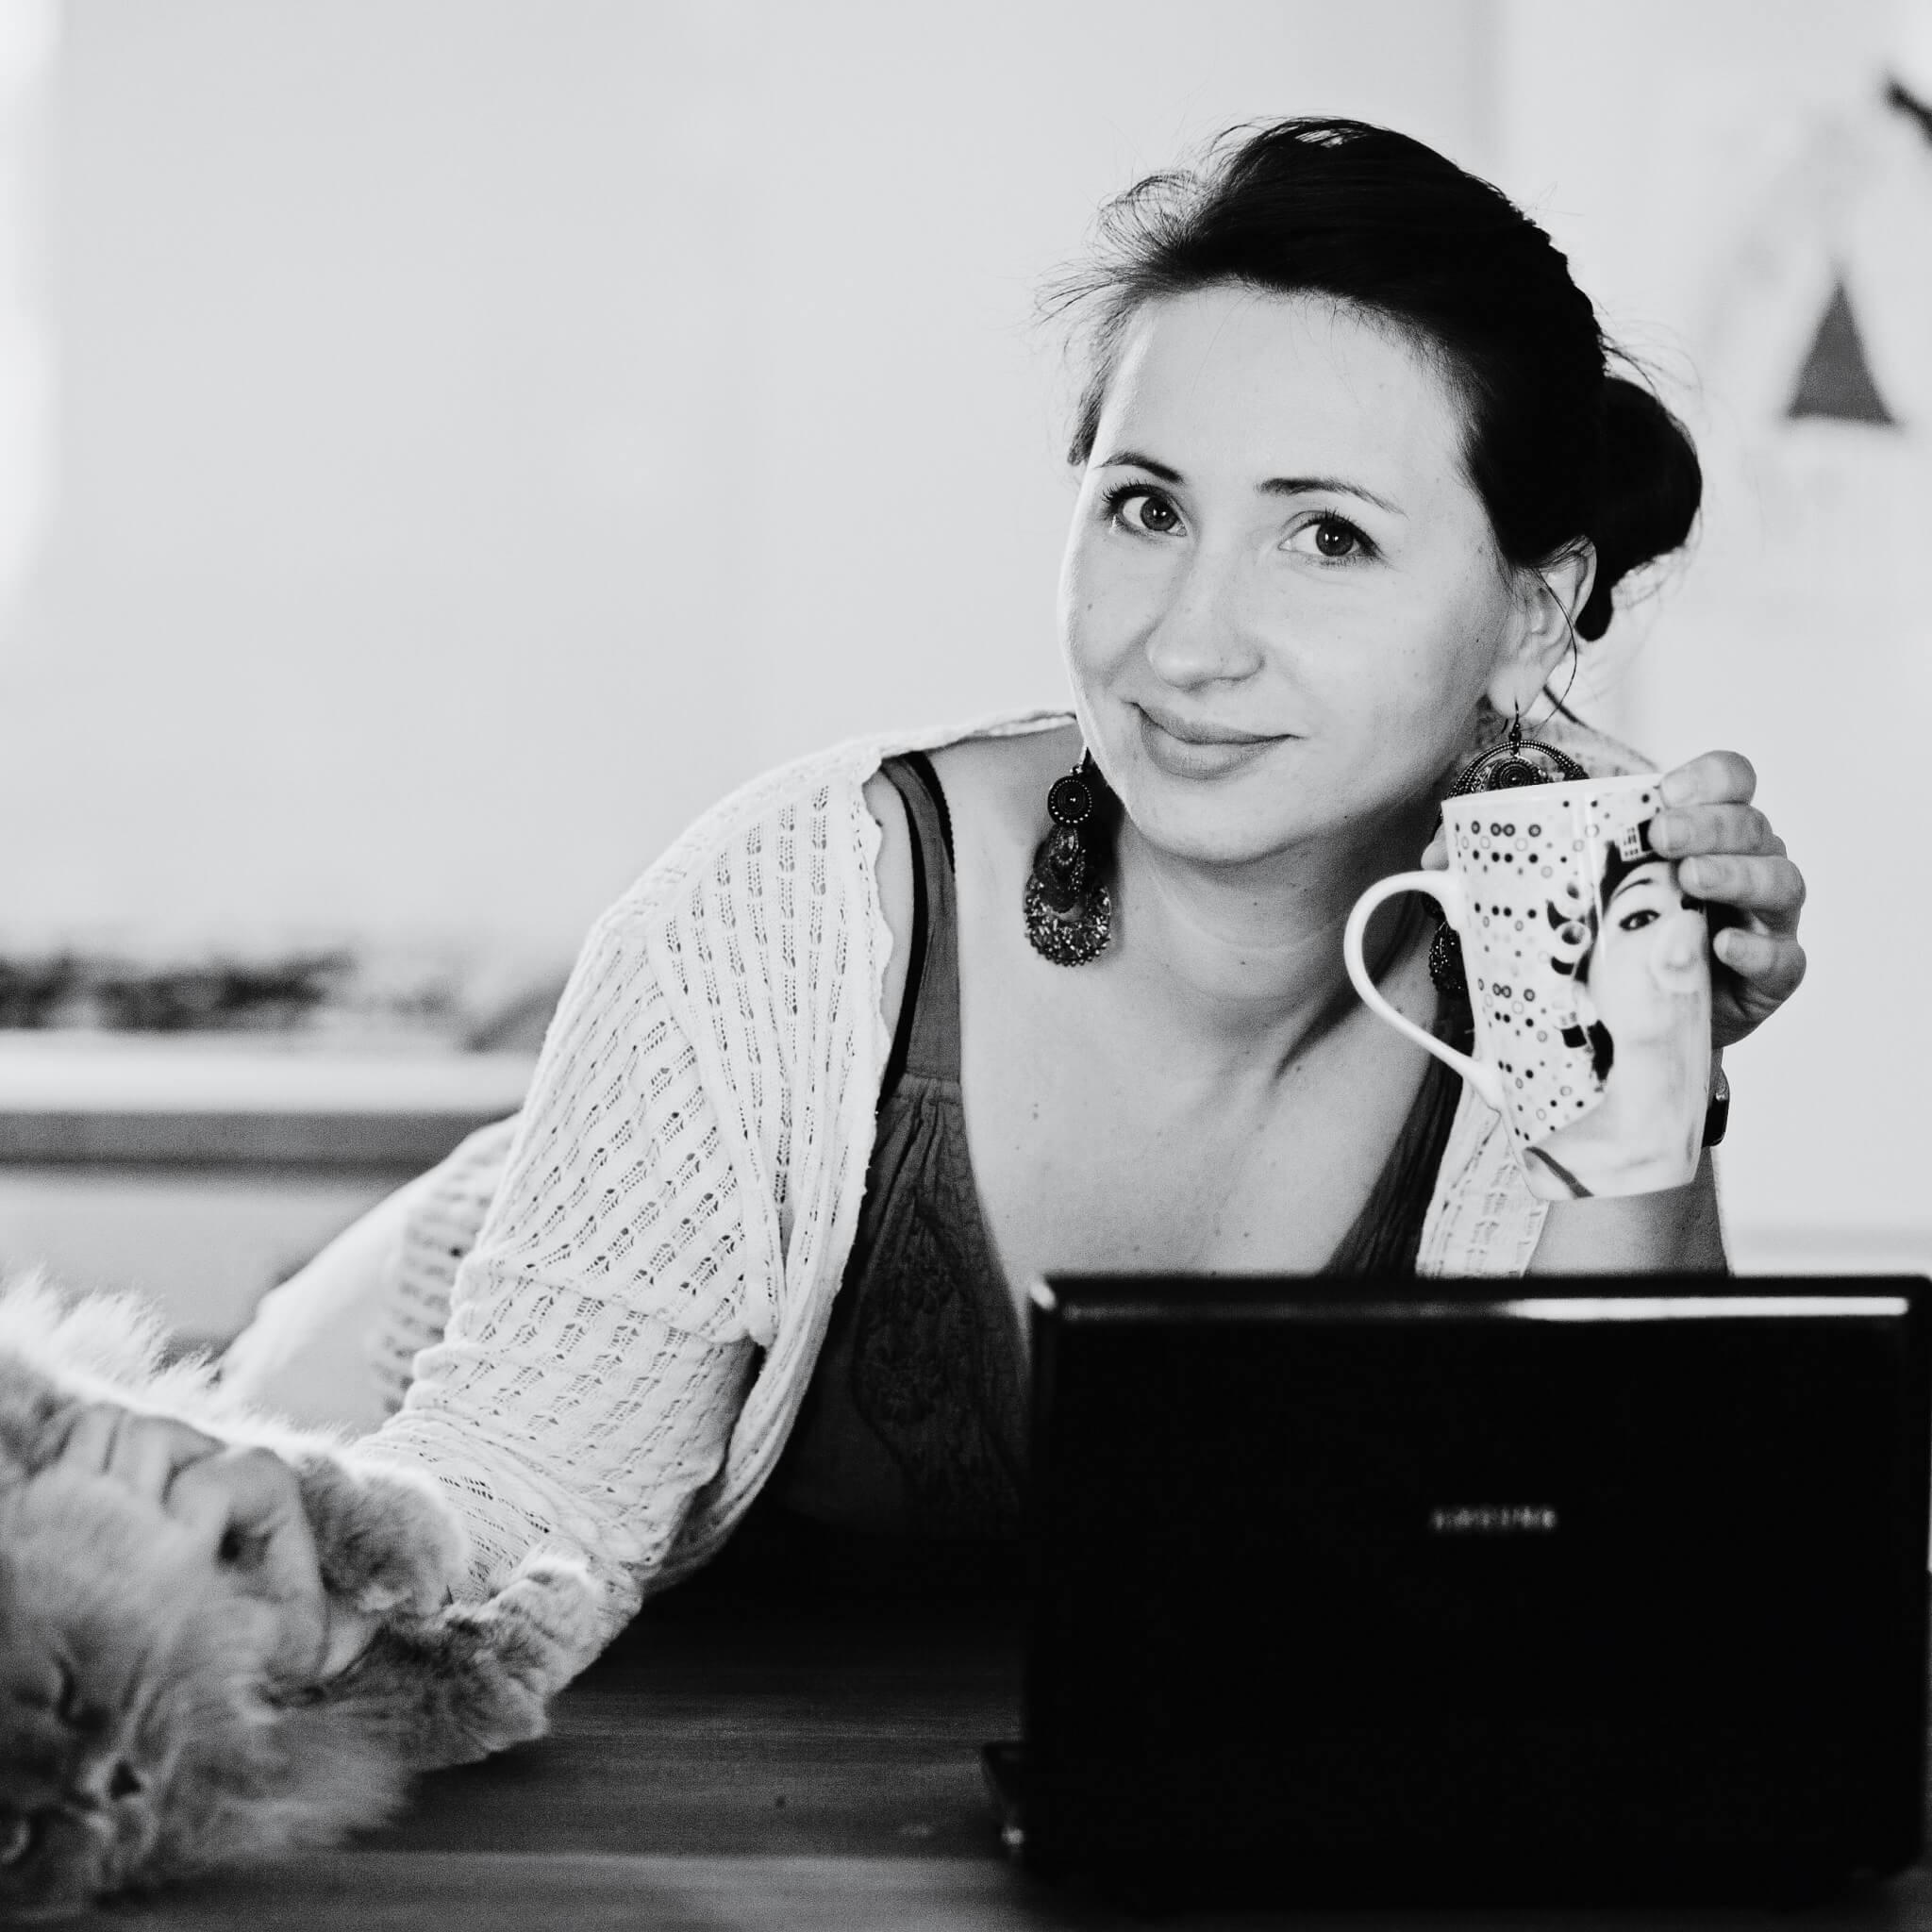 Pomysłodawczyni i współzałożycielka portalu rezerwacyjnego slowhop.com. Od 2017 r. portal zrzesza najbardziej klimatyczne i pomysłowe miejsca noclegowe w Polsce i umożliwia rezerwację wyjazdów z pasją.